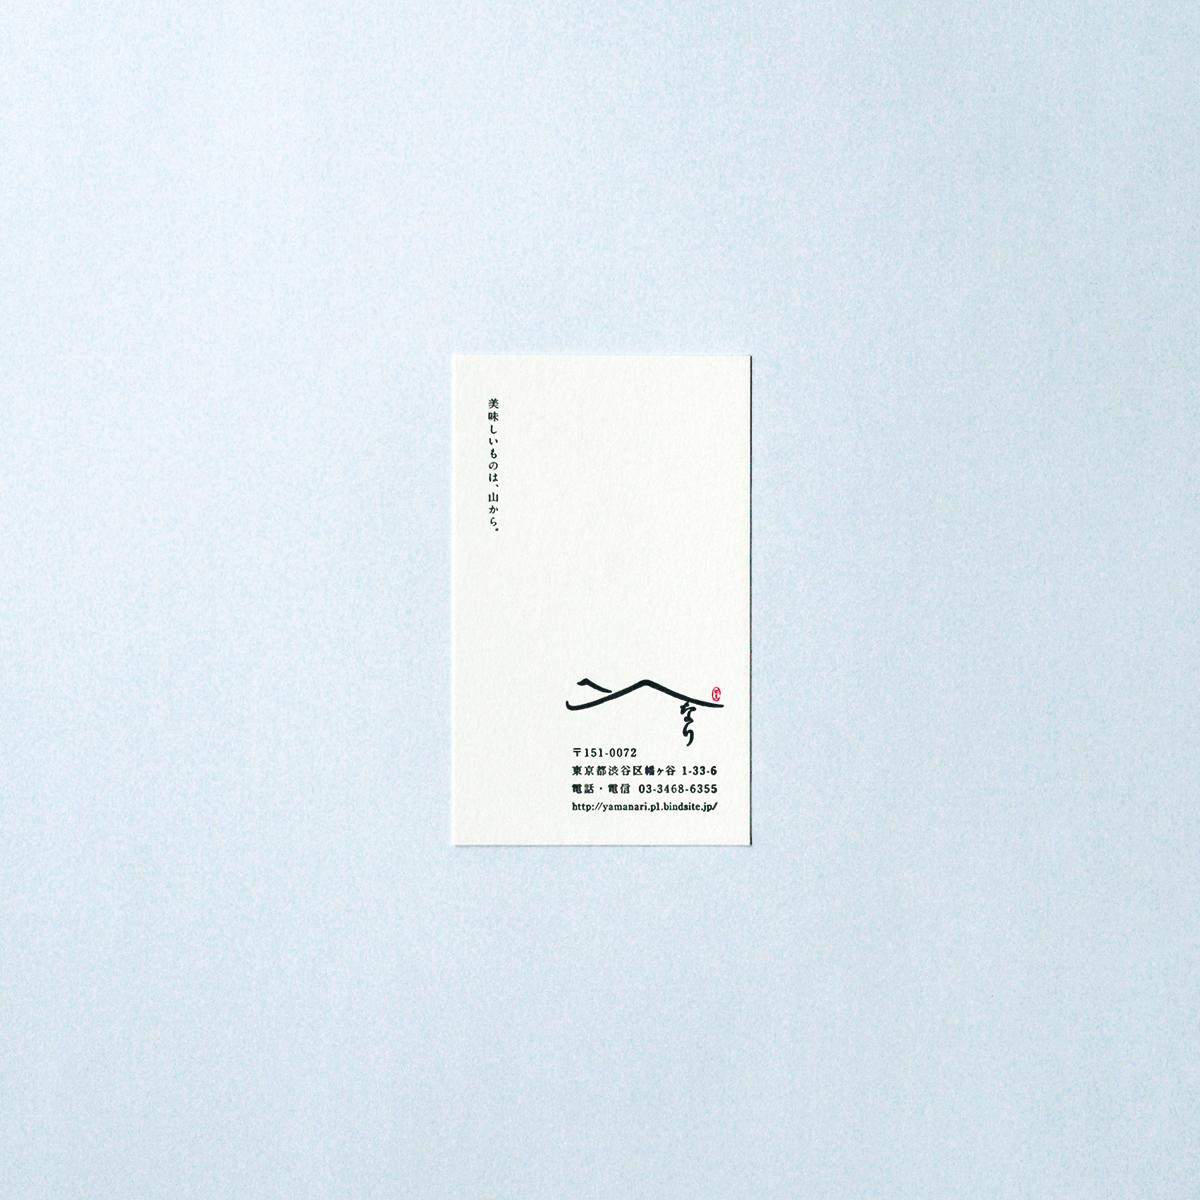 割烹 山なり / 2010 | VI